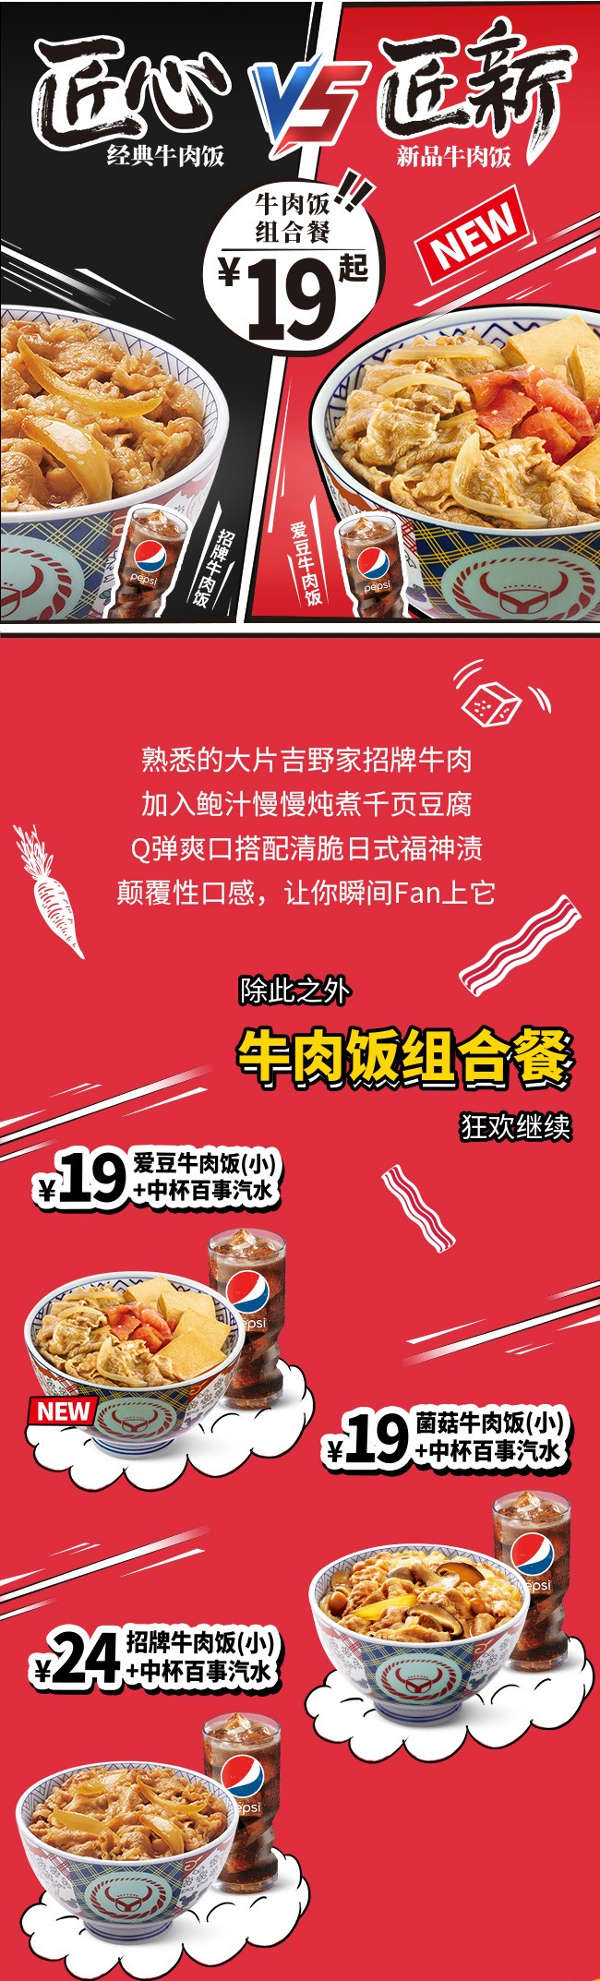 优惠券图片:吉野家牛肉饭组合餐限时优惠19元起 有效期2018年10月29日-2018年11月18日